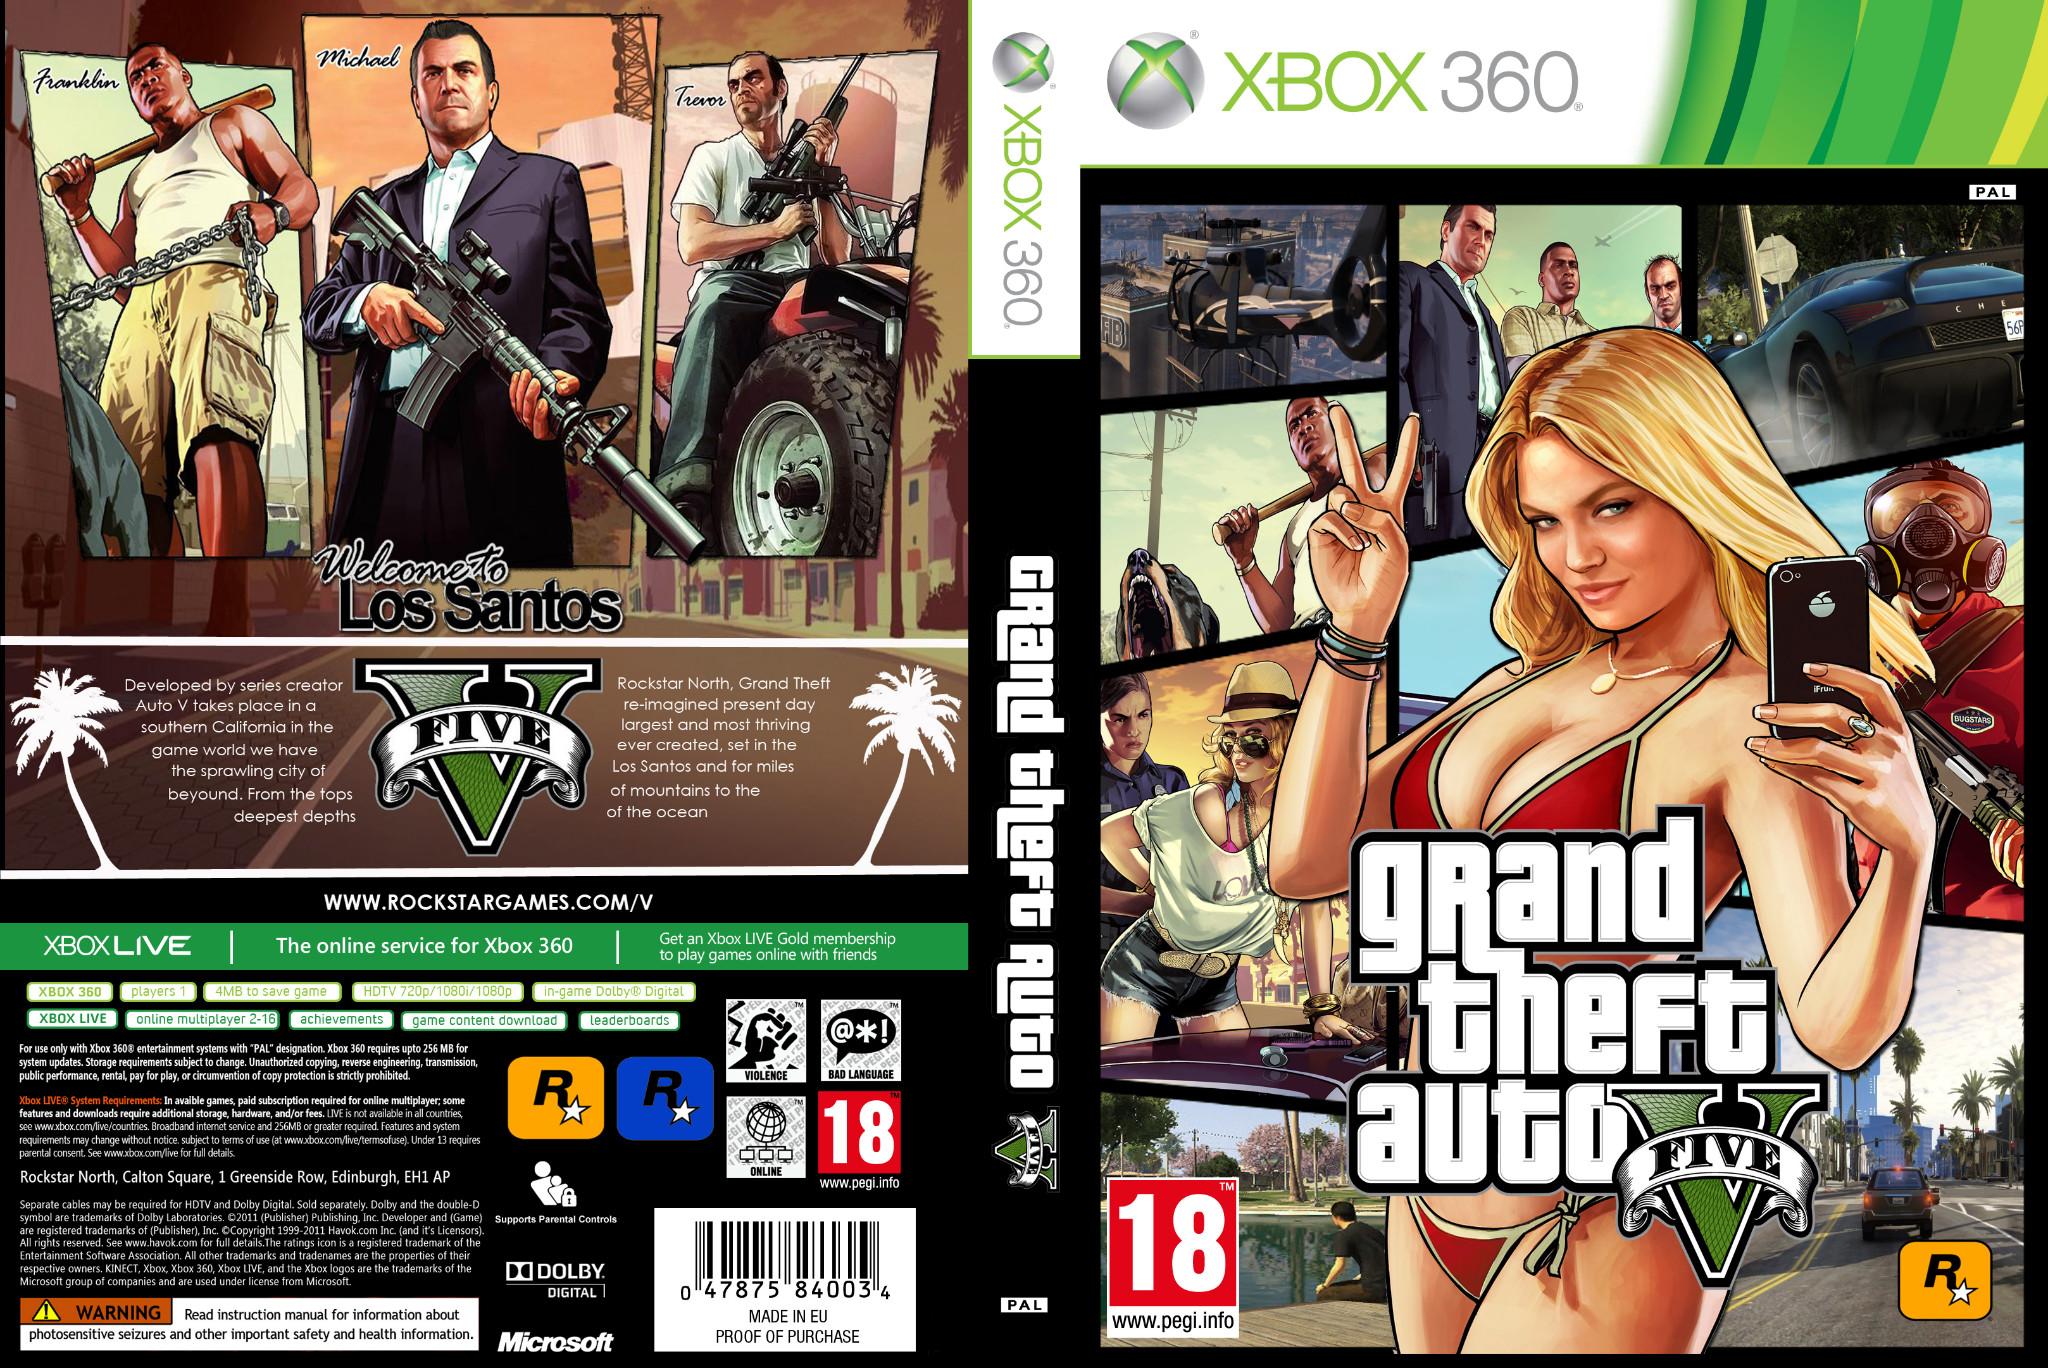 Gta 5 cheats porn pics adult scenes